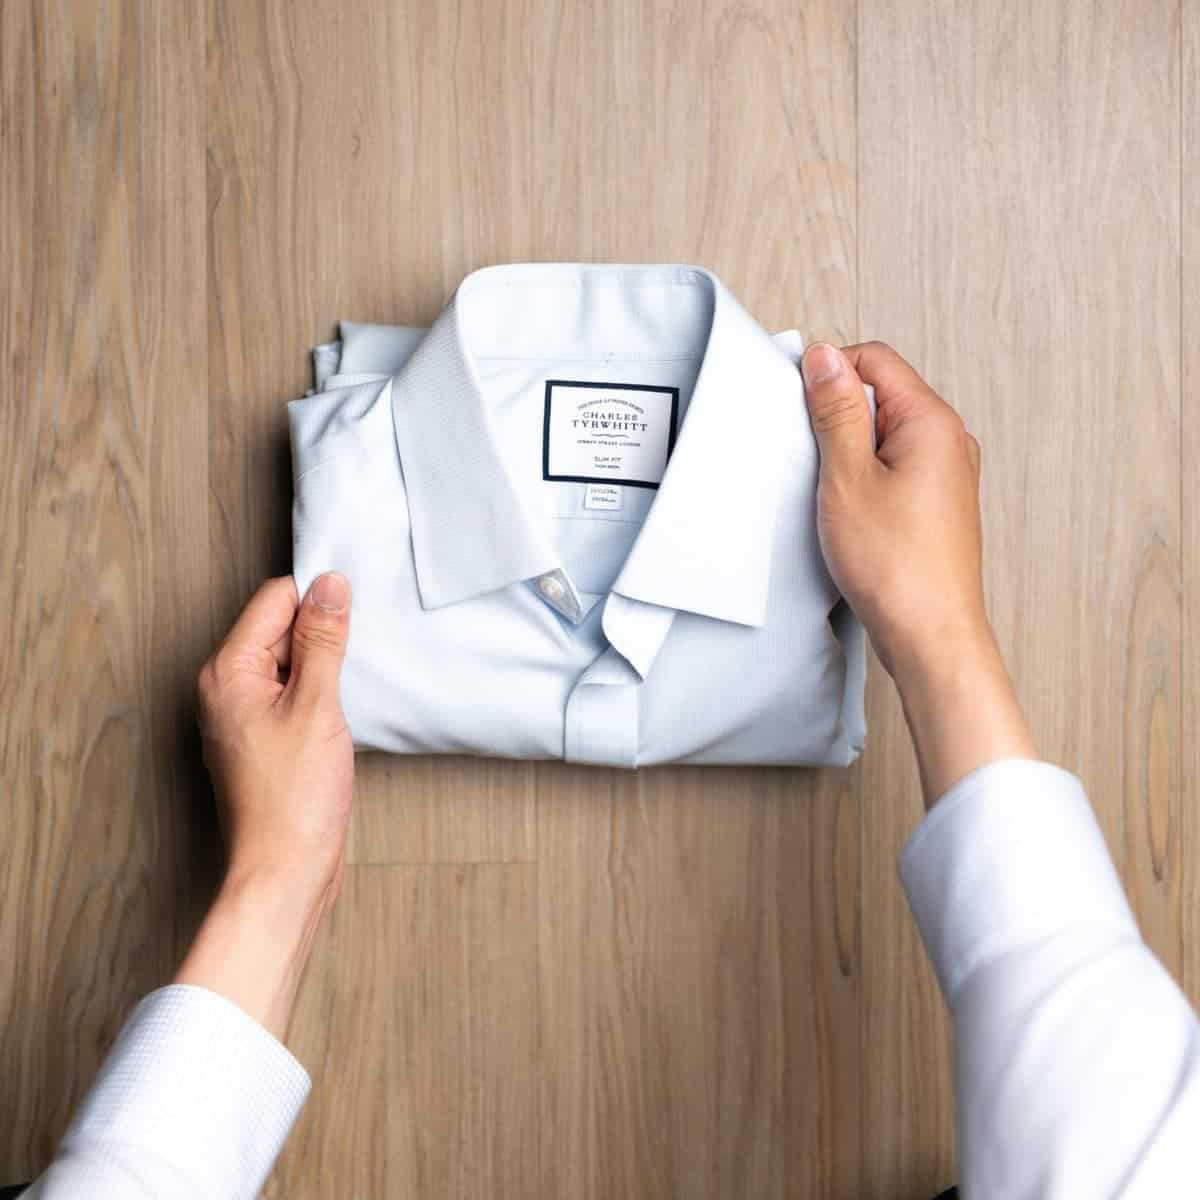 Person's hands folding a dress shirt.